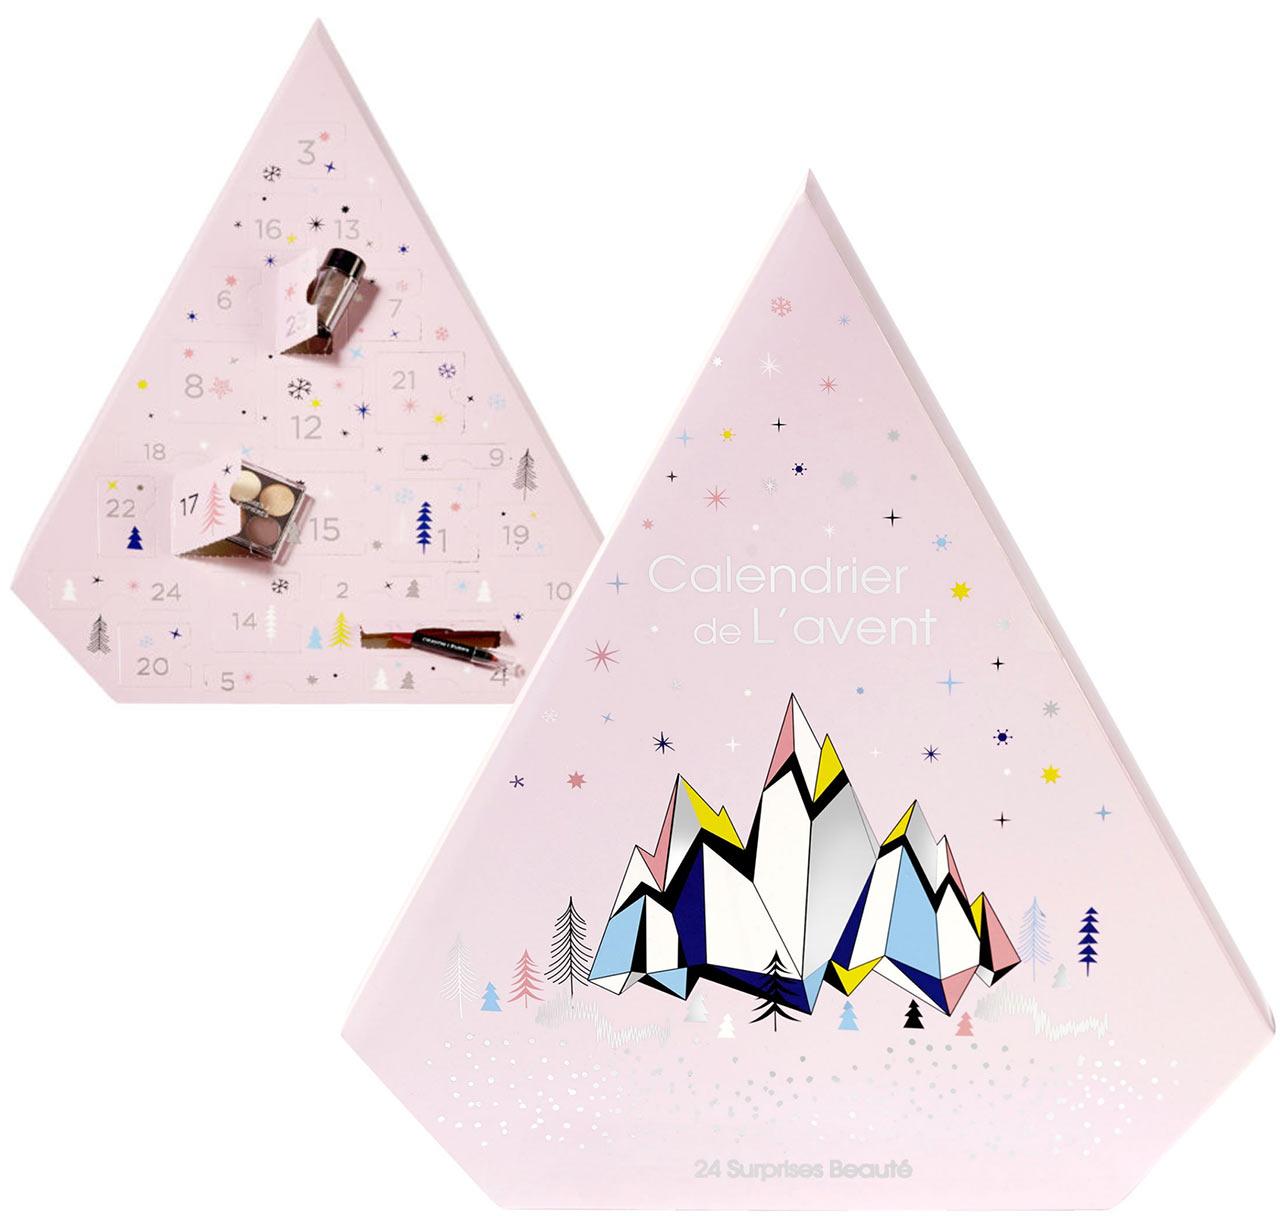 Calendrier de l'avent Monoprix 2018 : un calendrier de l'avent beauté pour adultes rempli de petits cadeaux pour femme